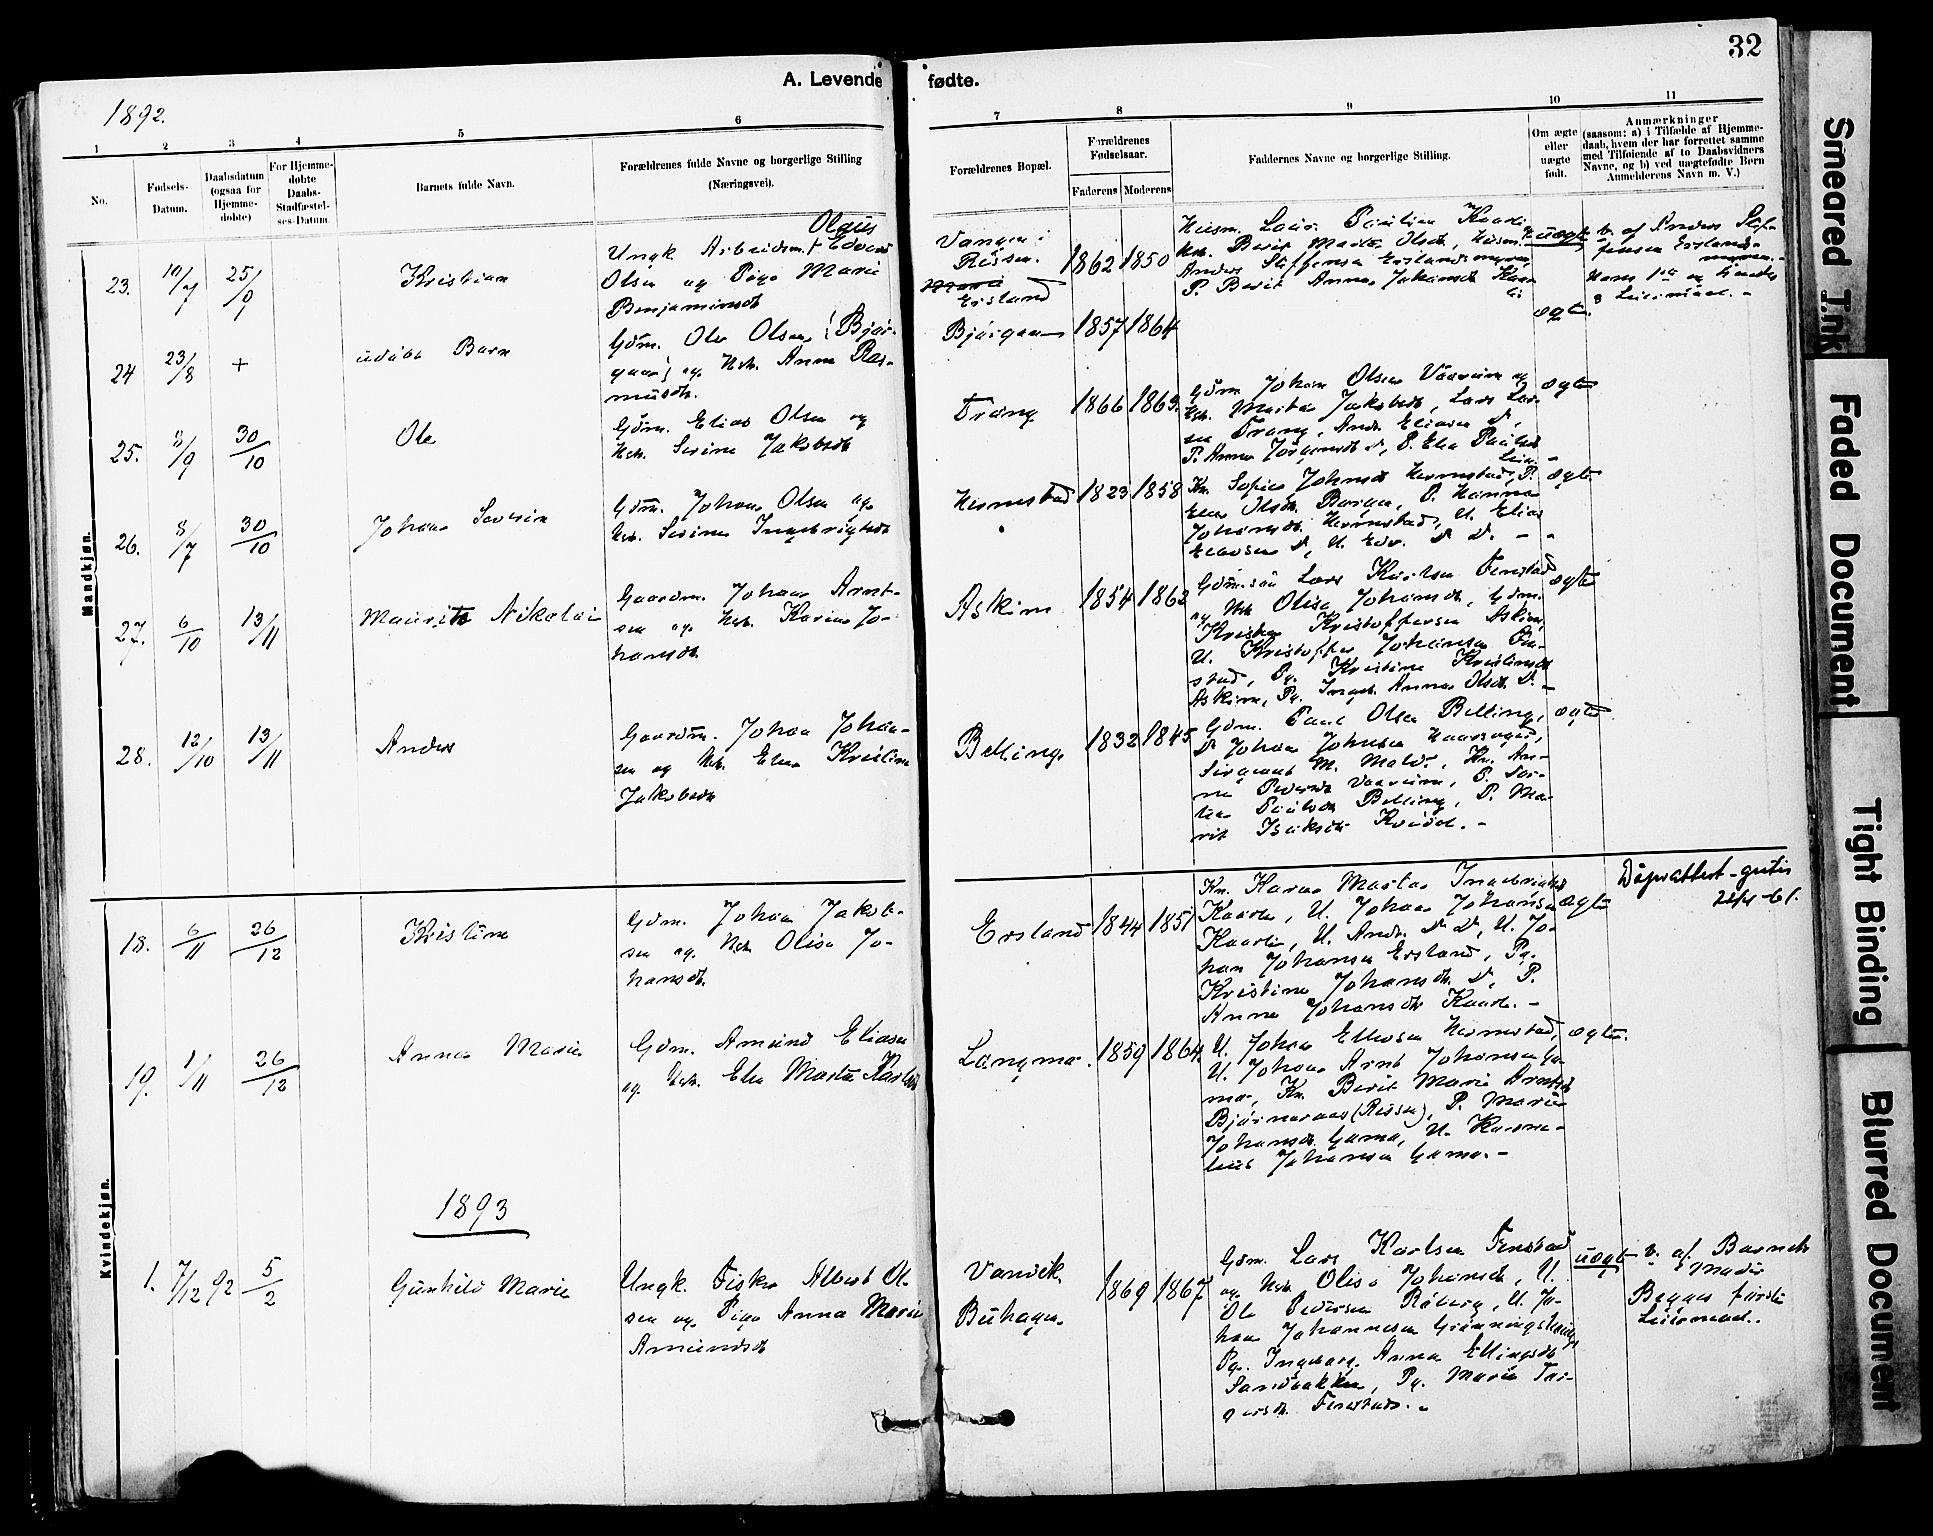 SAT, Ministerialprotokoller, klokkerbøker og fødselsregistre - Sør-Trøndelag, 646/L0615: Ministerialbok nr. 646A13, 1885-1900, s. 32